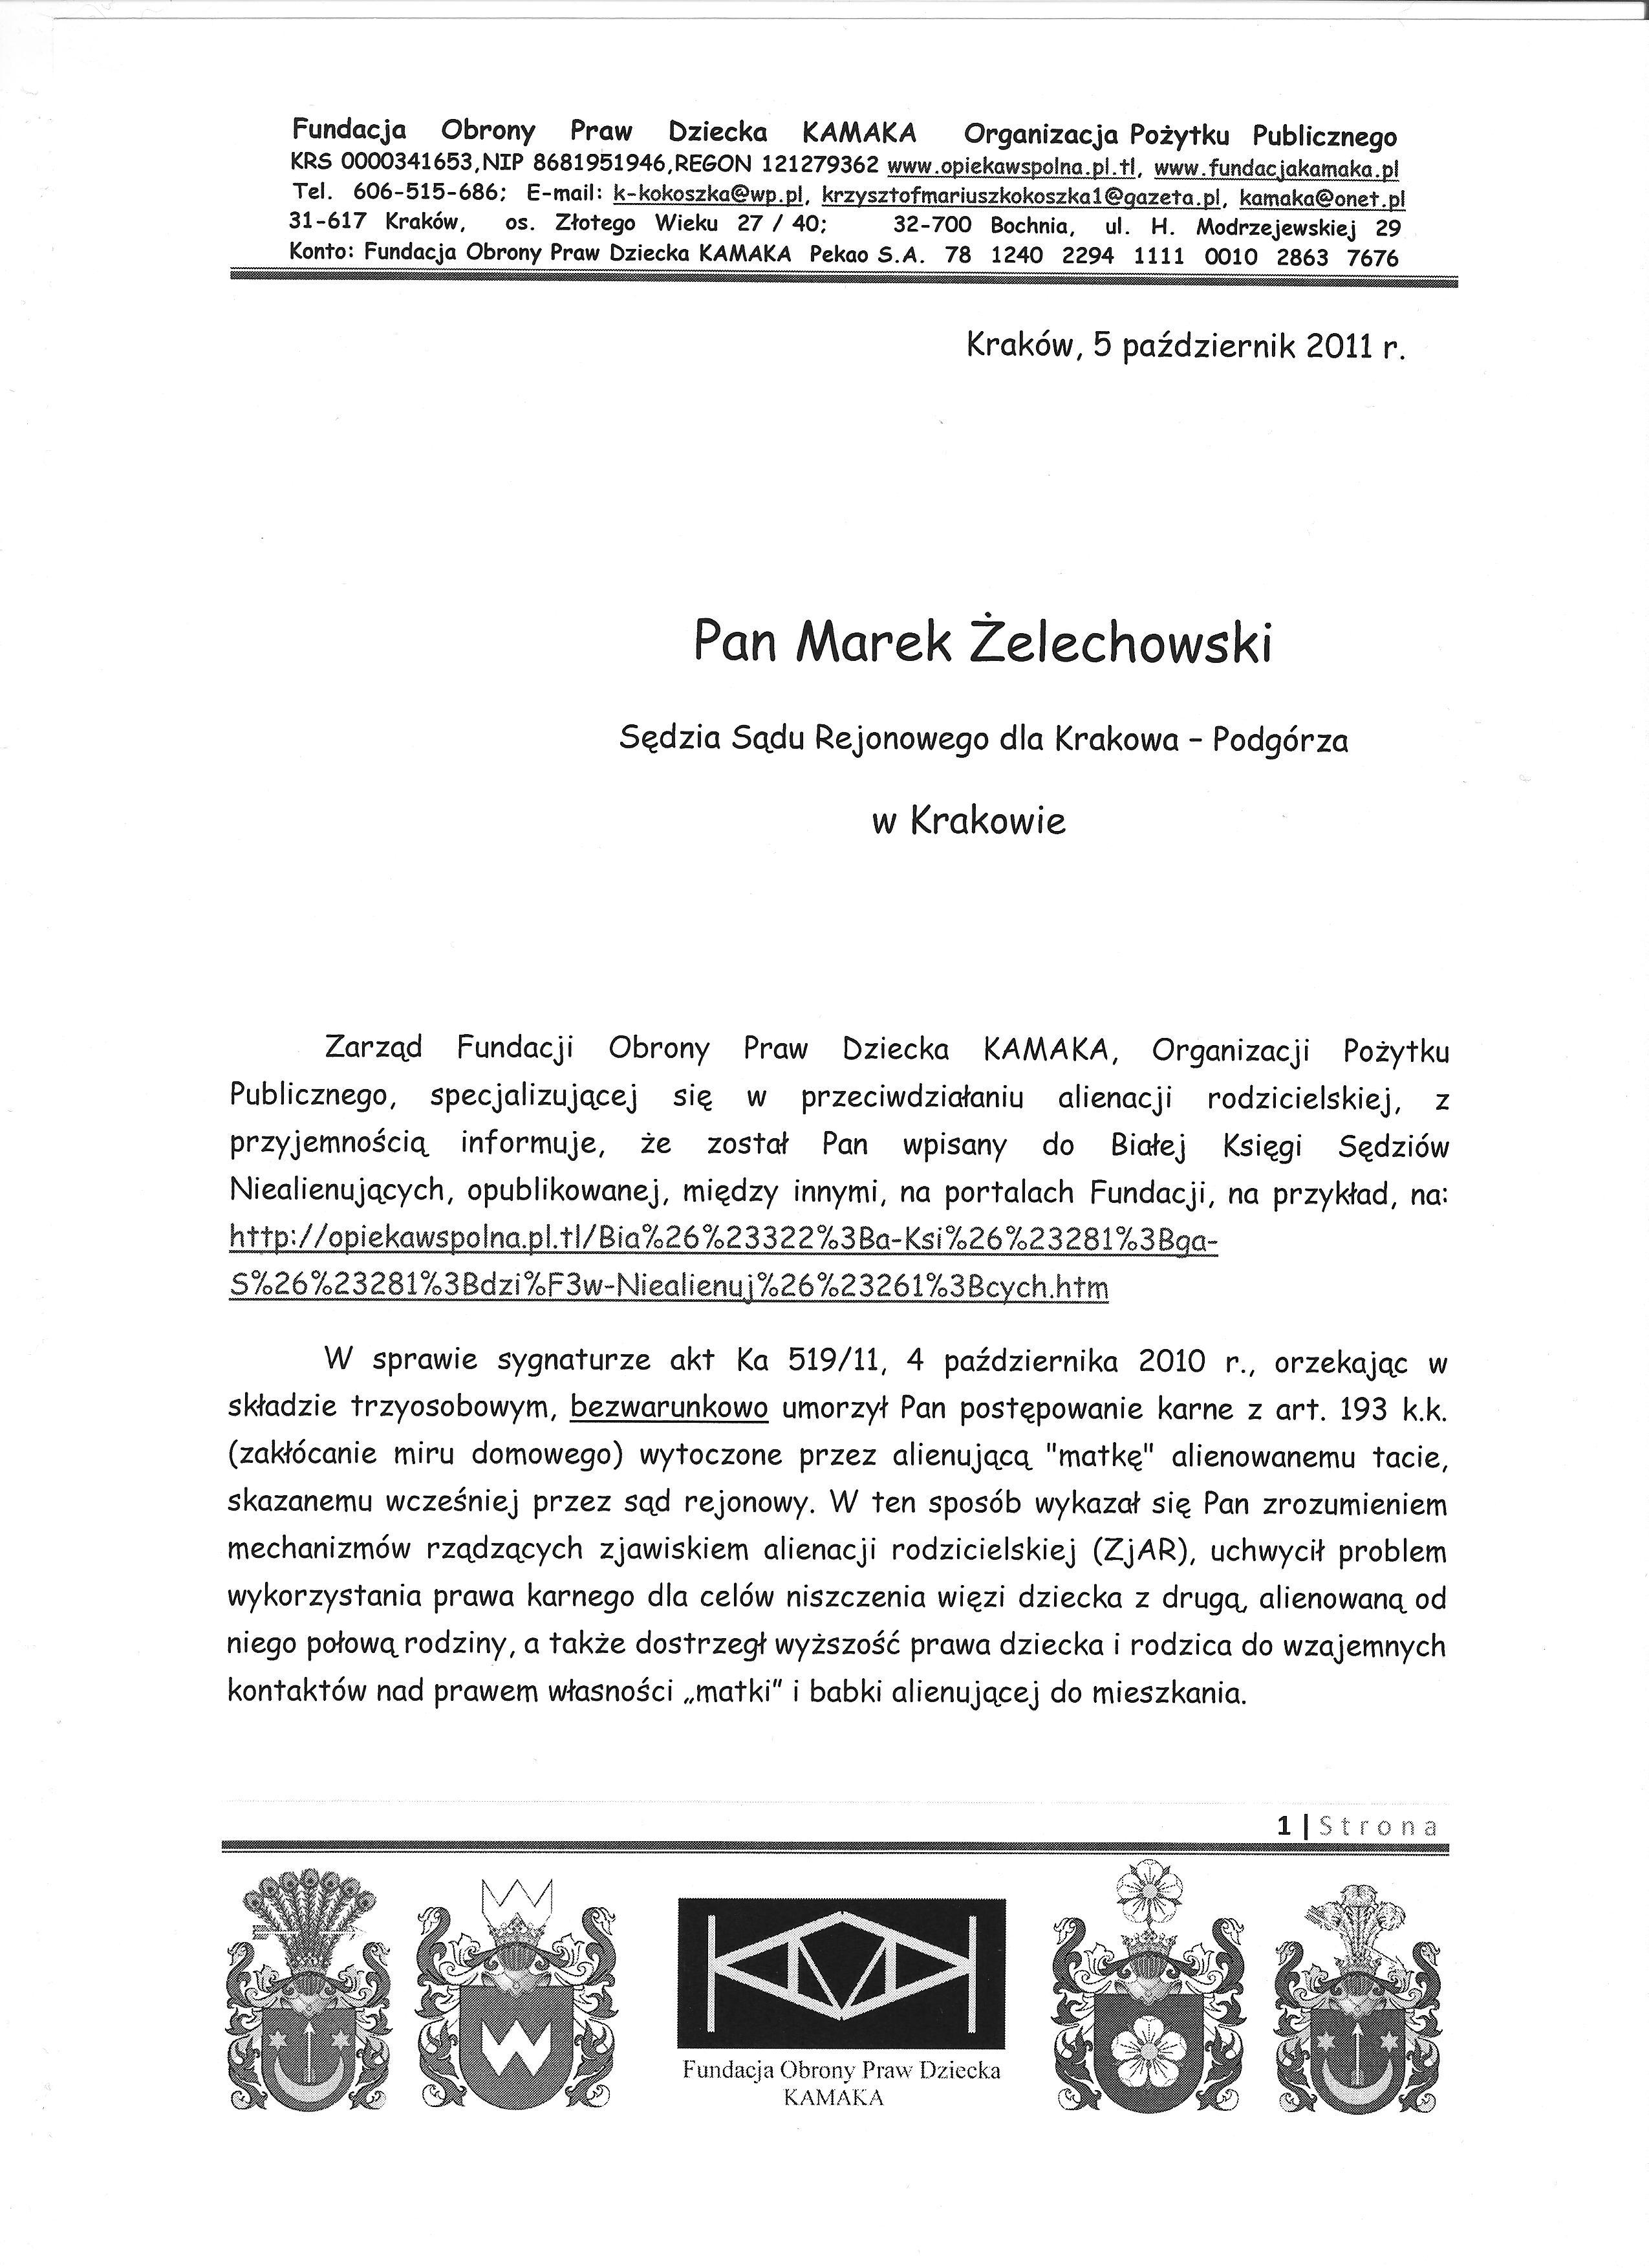 Sędzia Marek Żelechowski z Krakowa str 1